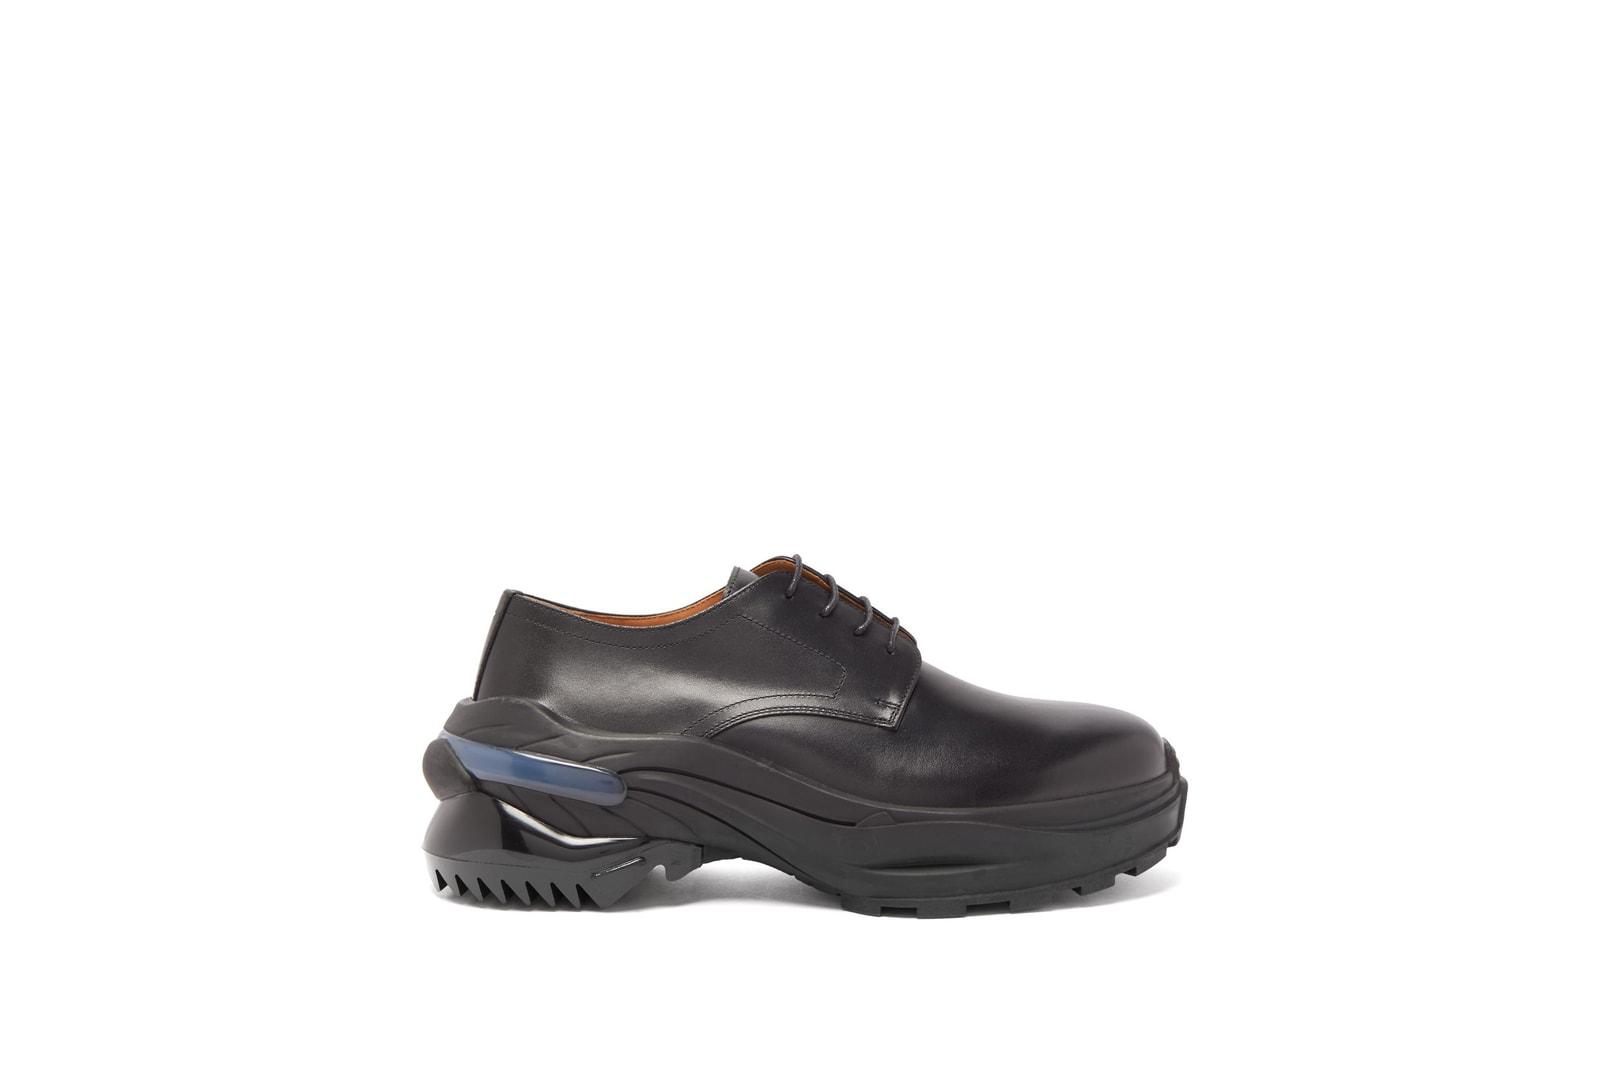 本日嚴選 9 款皮革鞋履入手推介